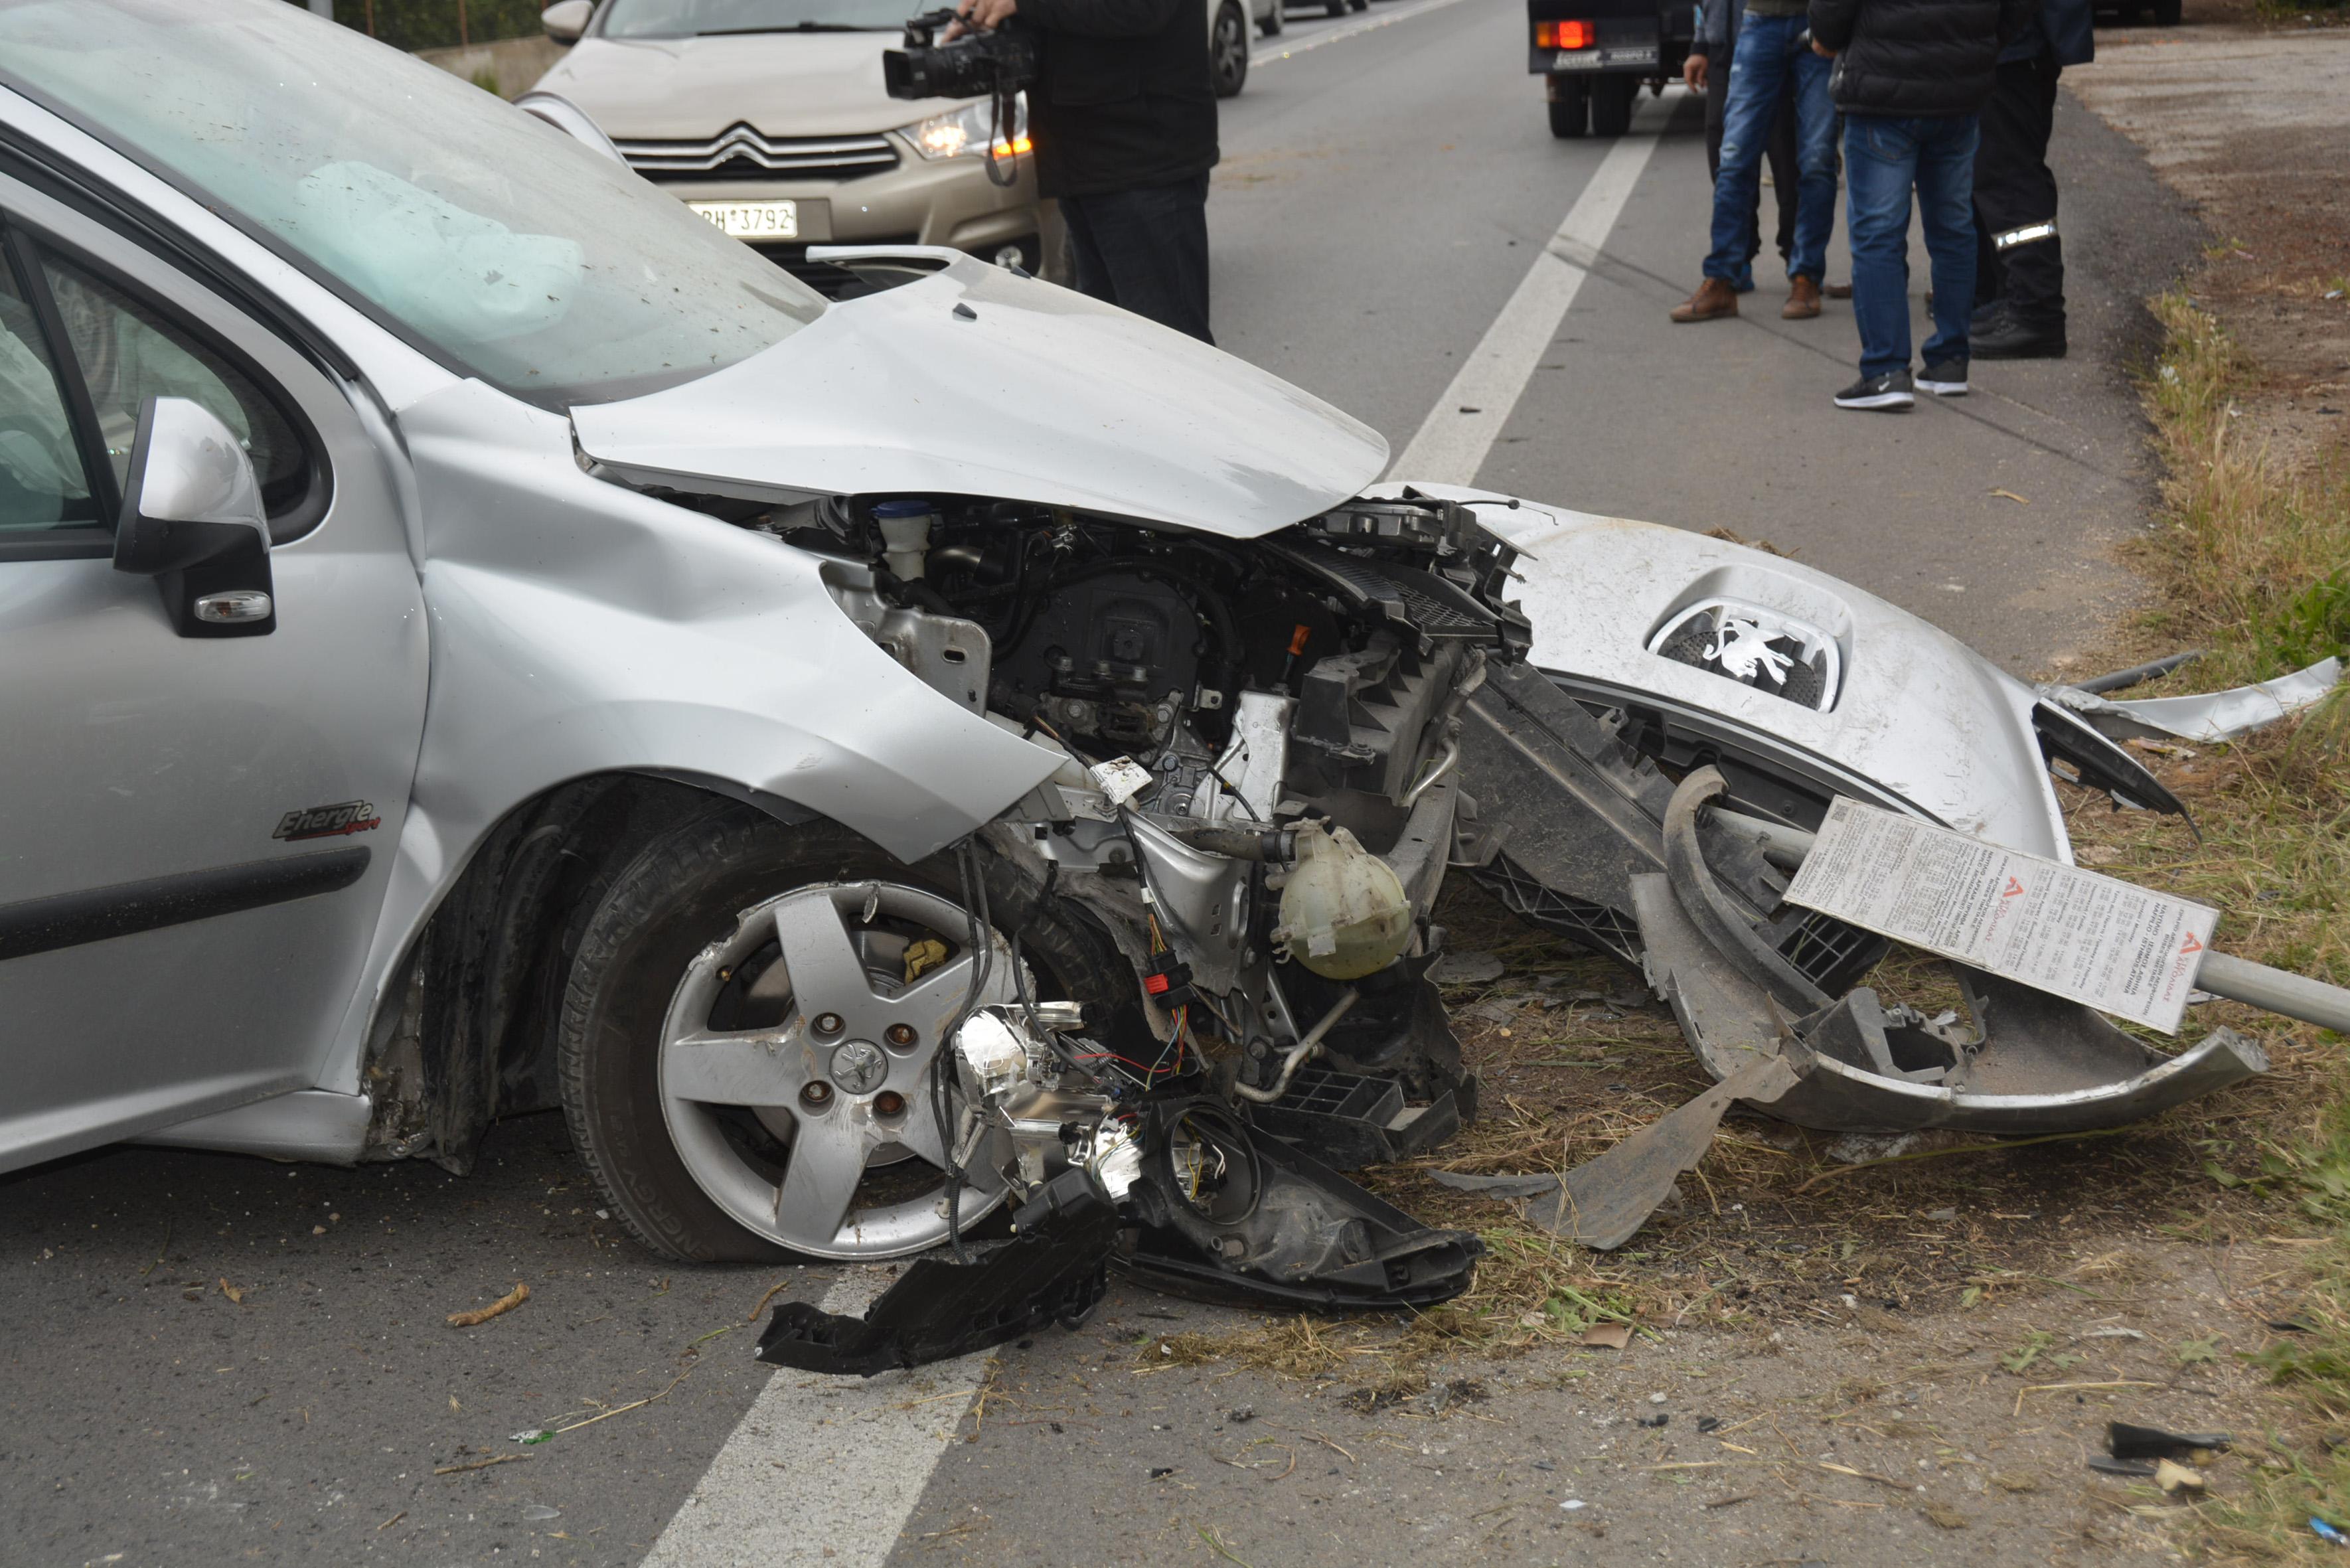 Ανησυχία για τα οδικά δυστυχήματα από την Επίτροπο Μεταφορών της ΕΕ   tovima.gr